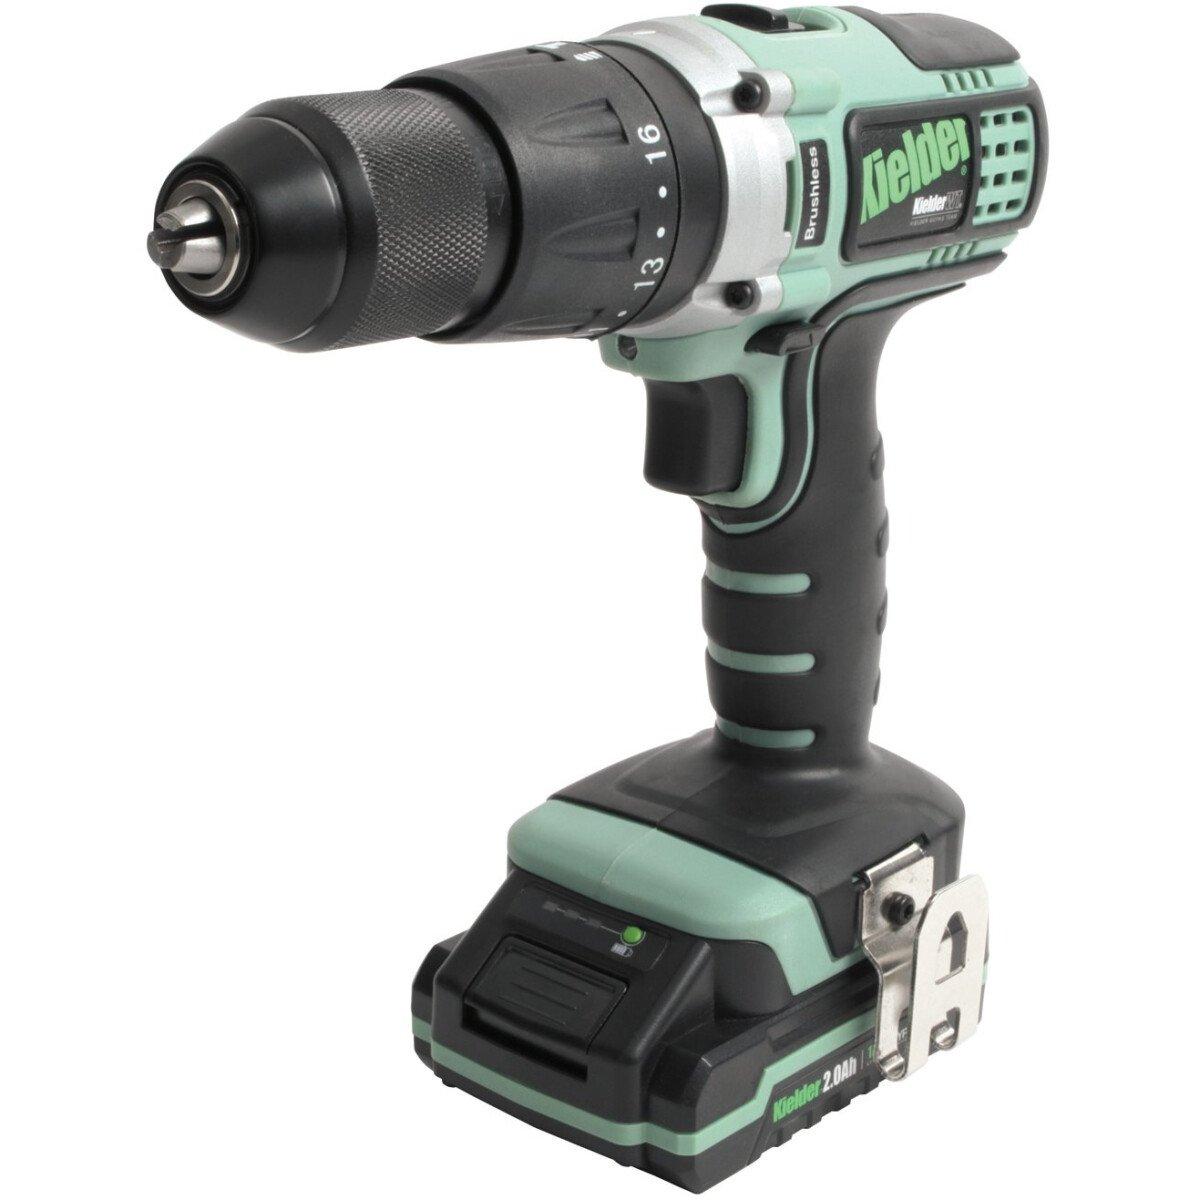 Kielder  KWT-001-17 18V Brushless Combi Drill with 2x 2.0Ah Batteries in Case